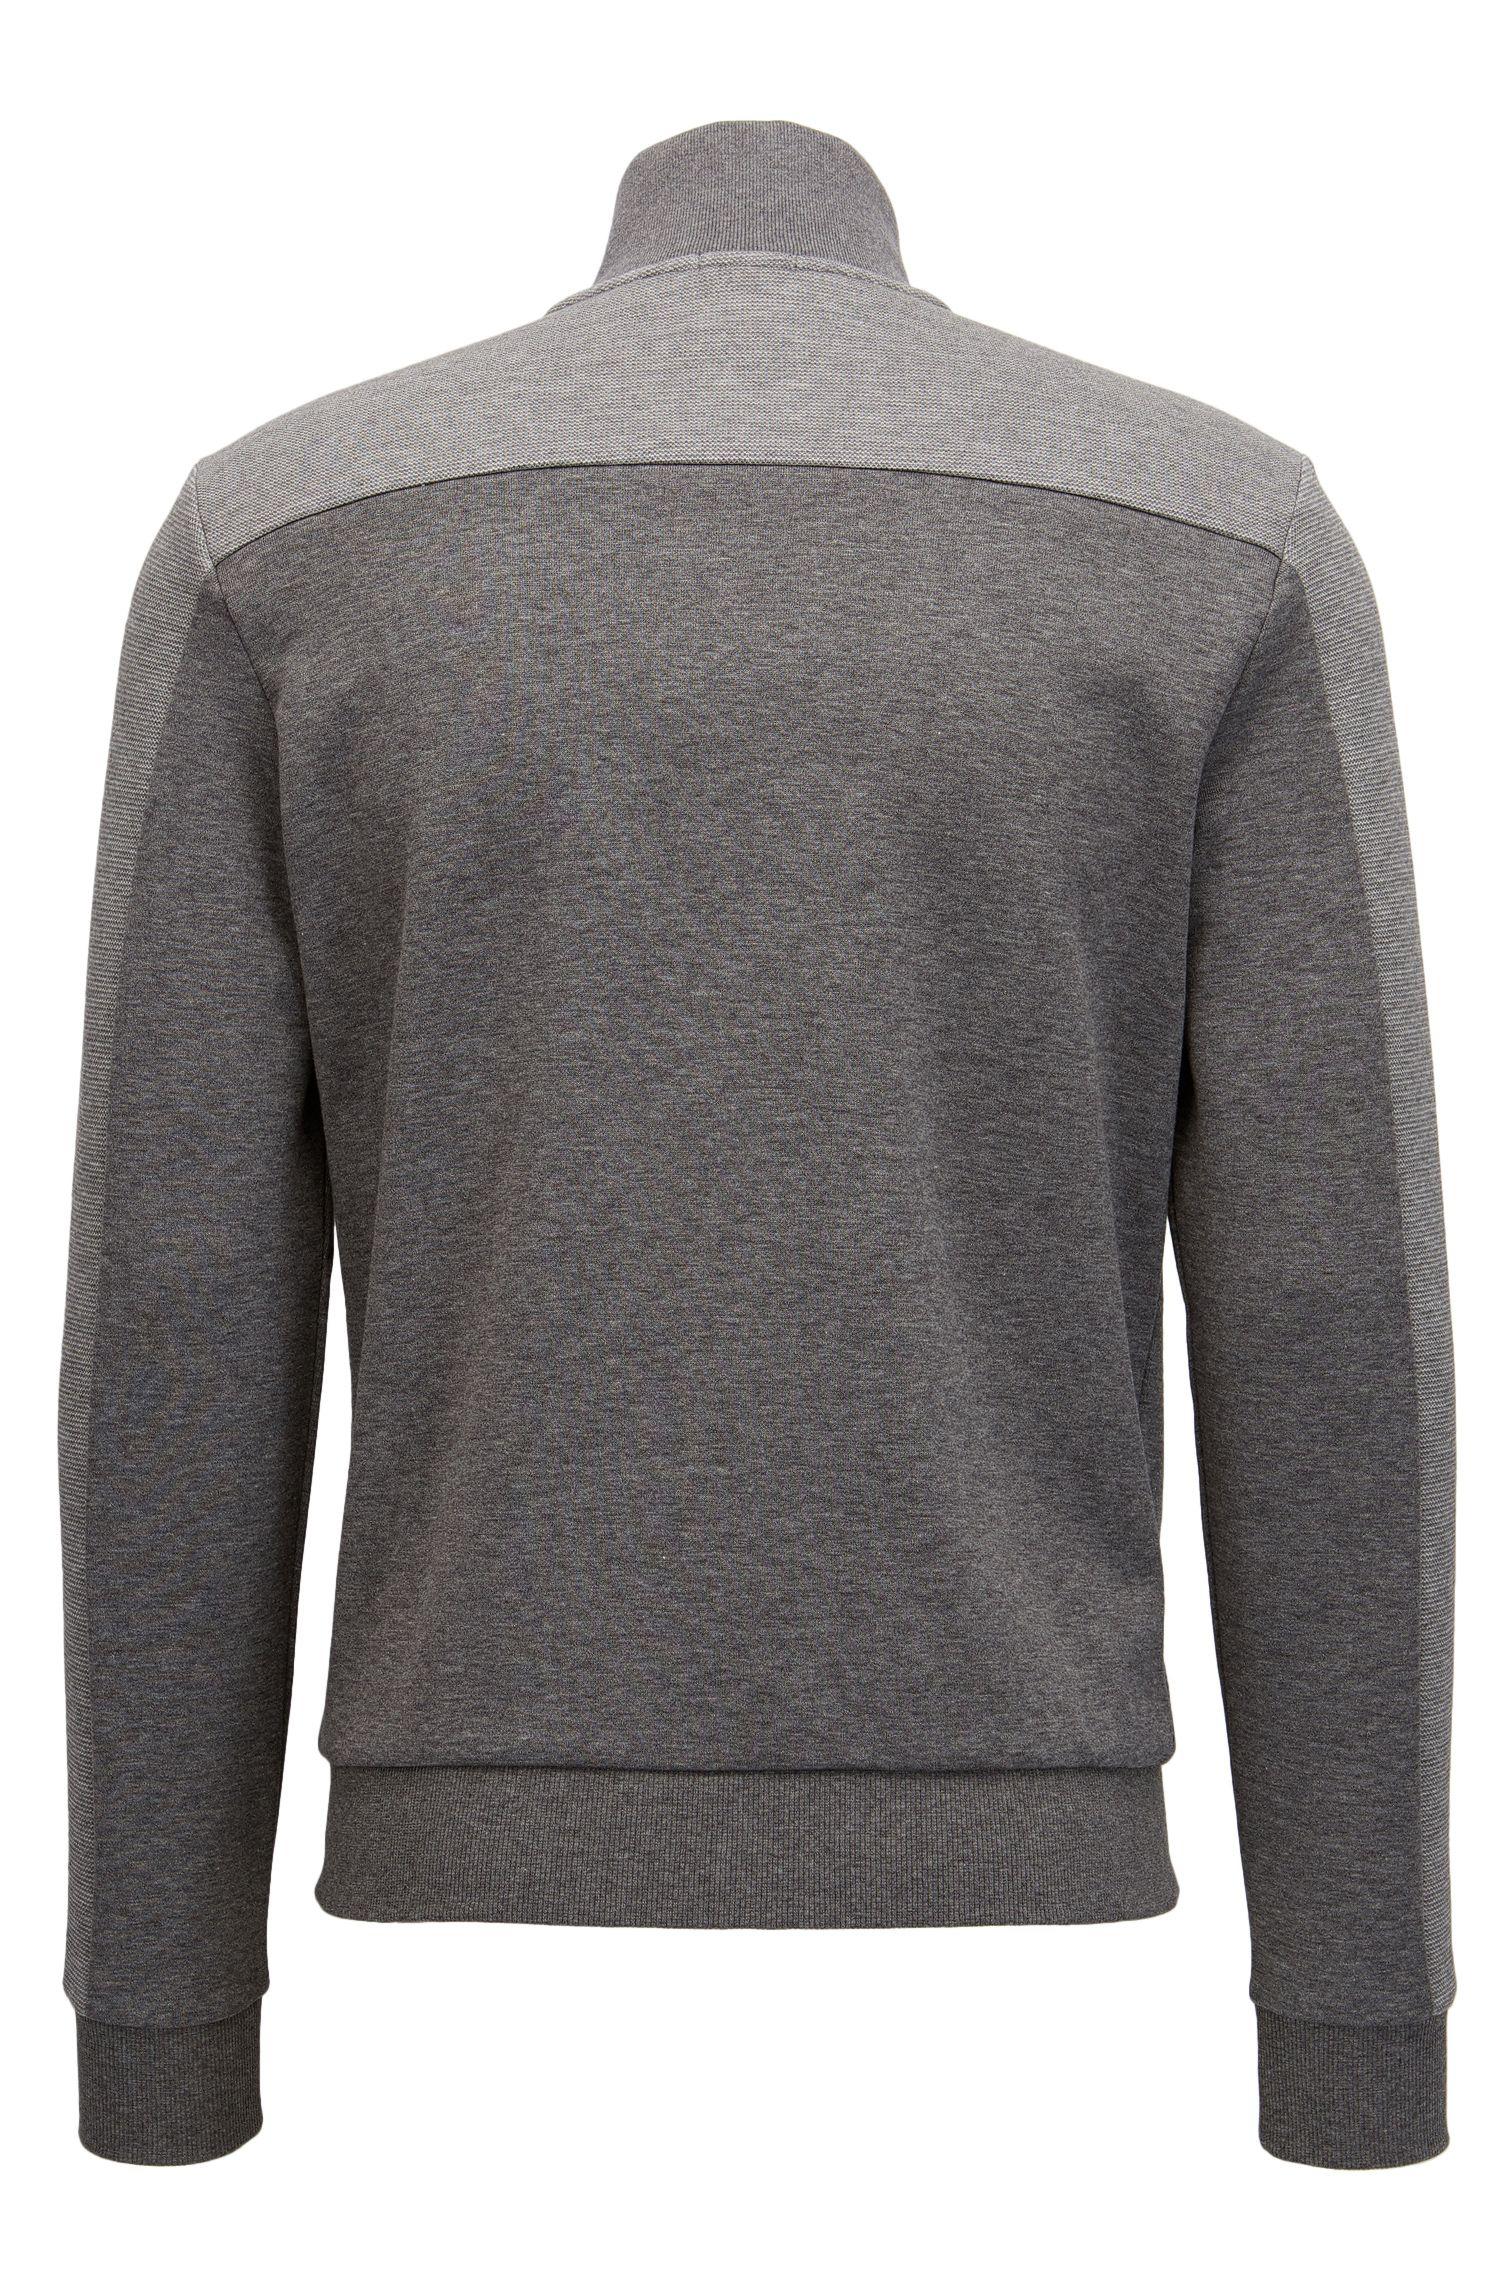 Cotton Blend Full-Zip Jacket | Skaz